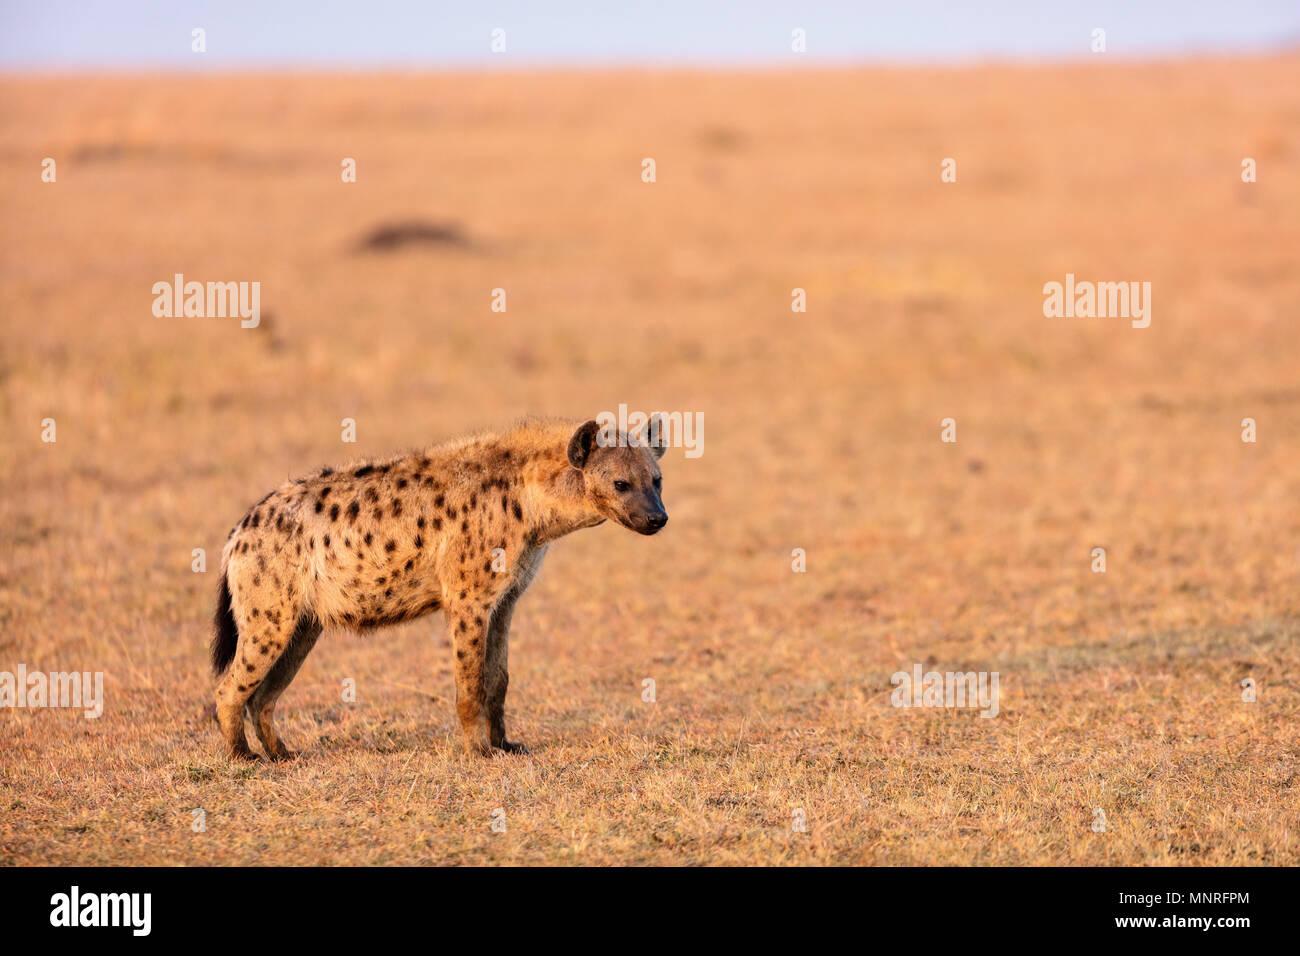 L'hyène au parc safari au Kenya Banque D'Images